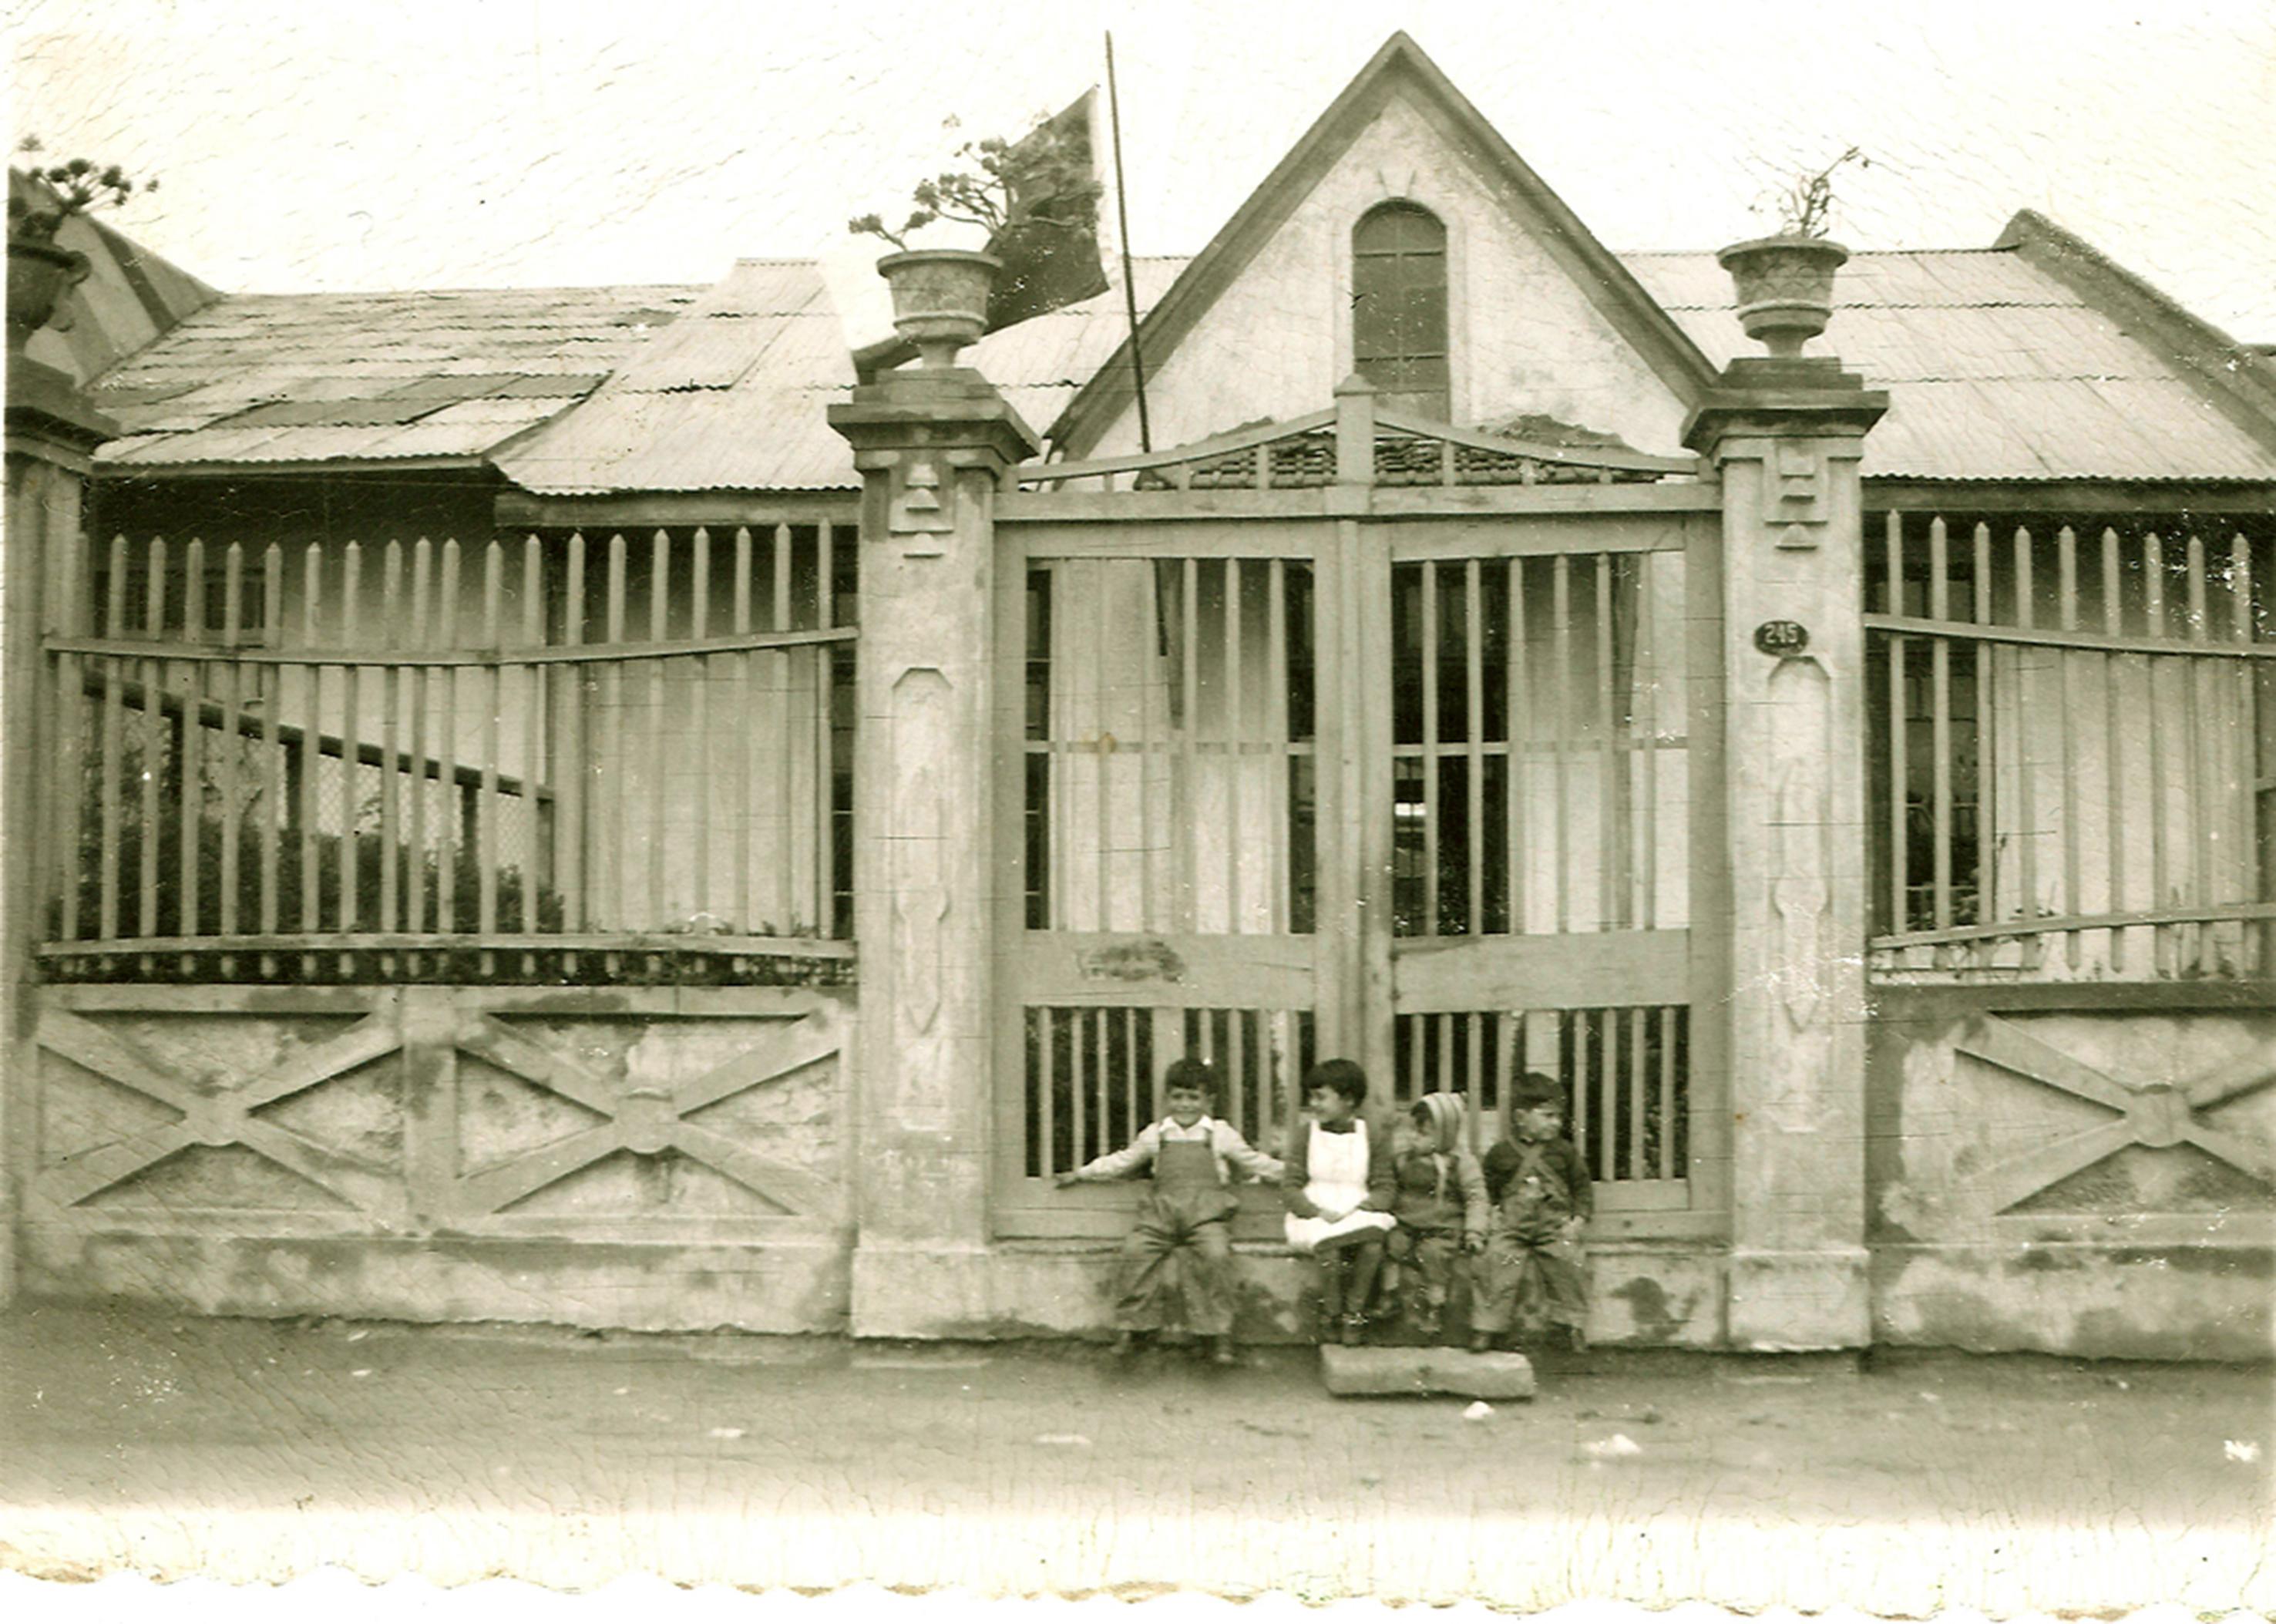 Enterreno - Fotos históricas de chile - fotos antiguas de Chile - Casa Avenida Videla Coquimbo, 1953